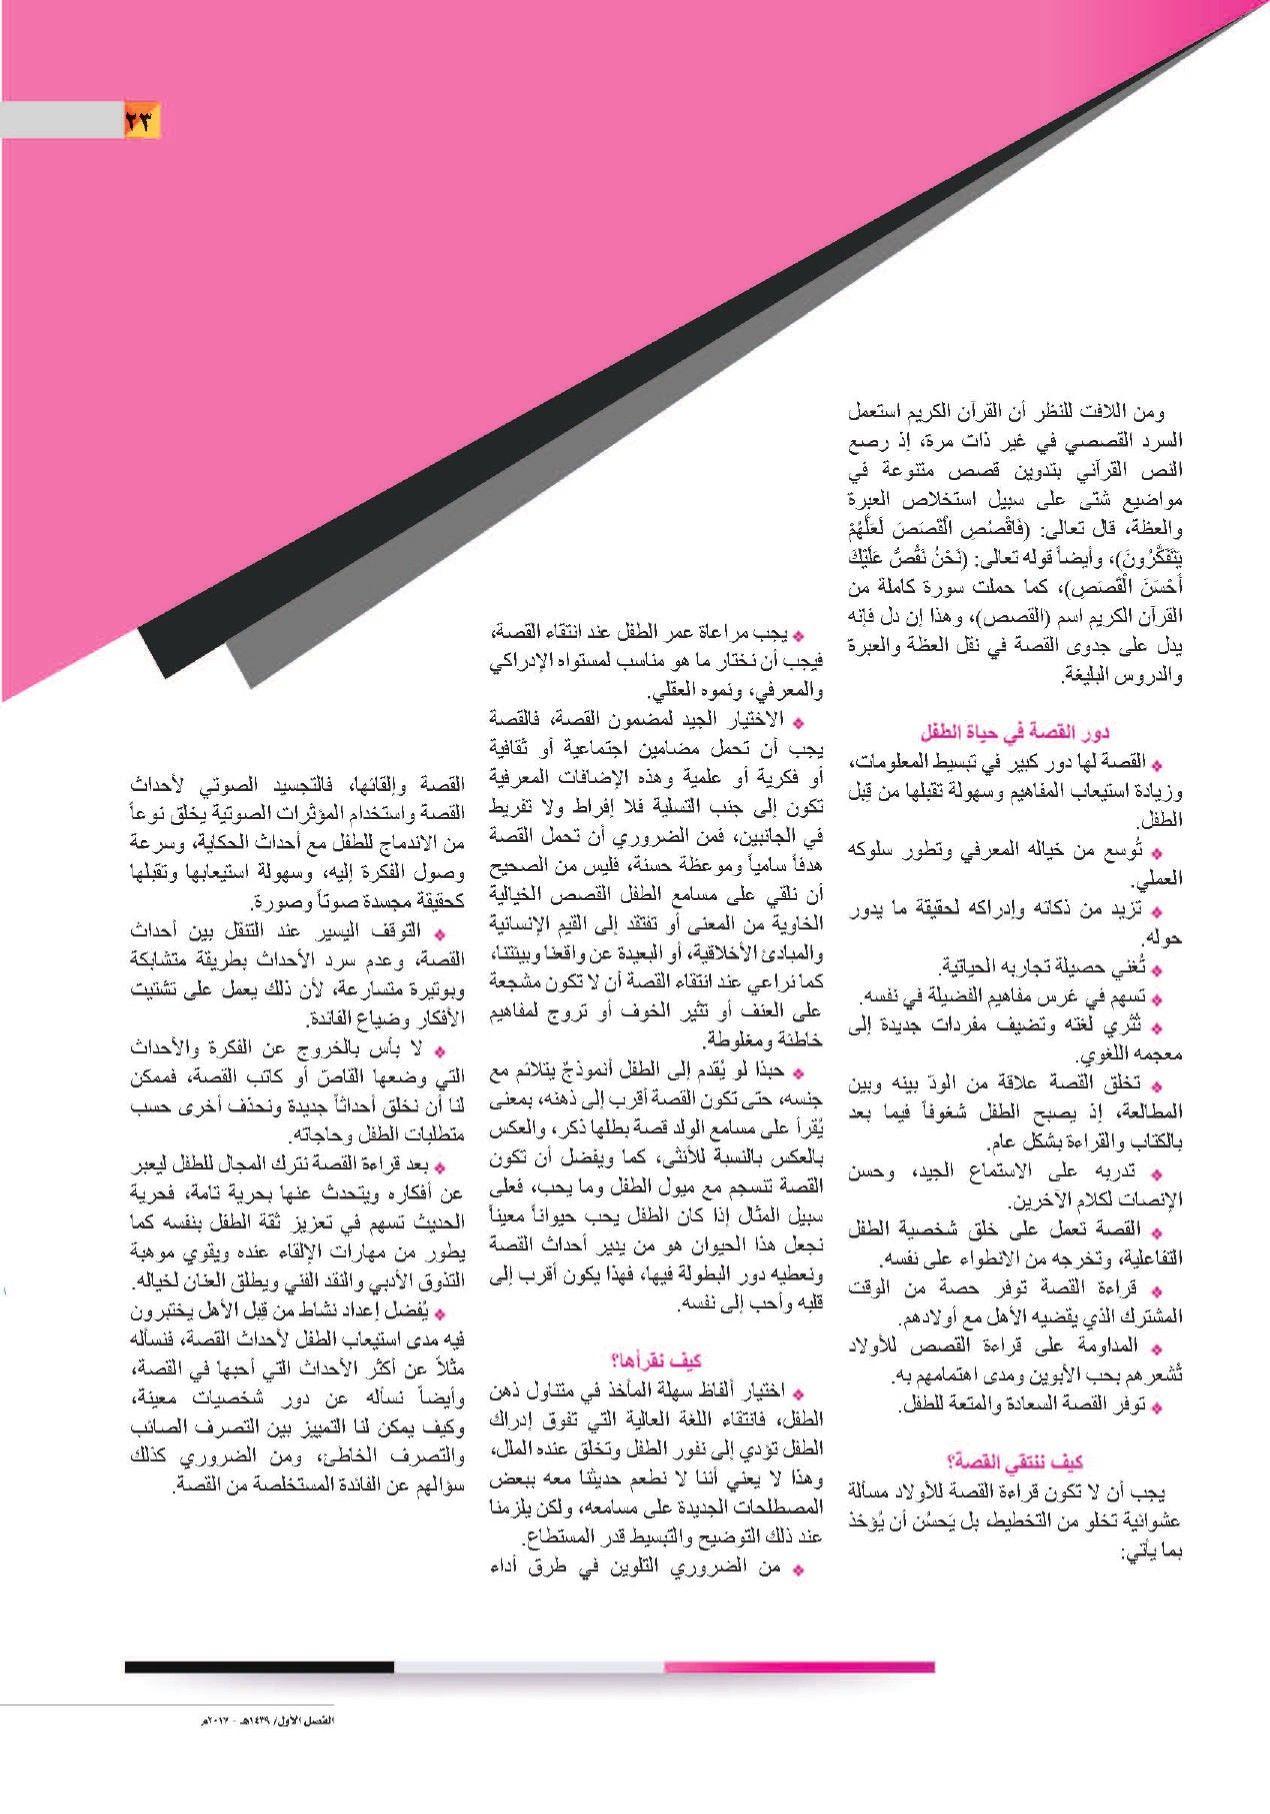 Pin By بسم الله الرحمن الرحيم On مجلة زهور الجوادين